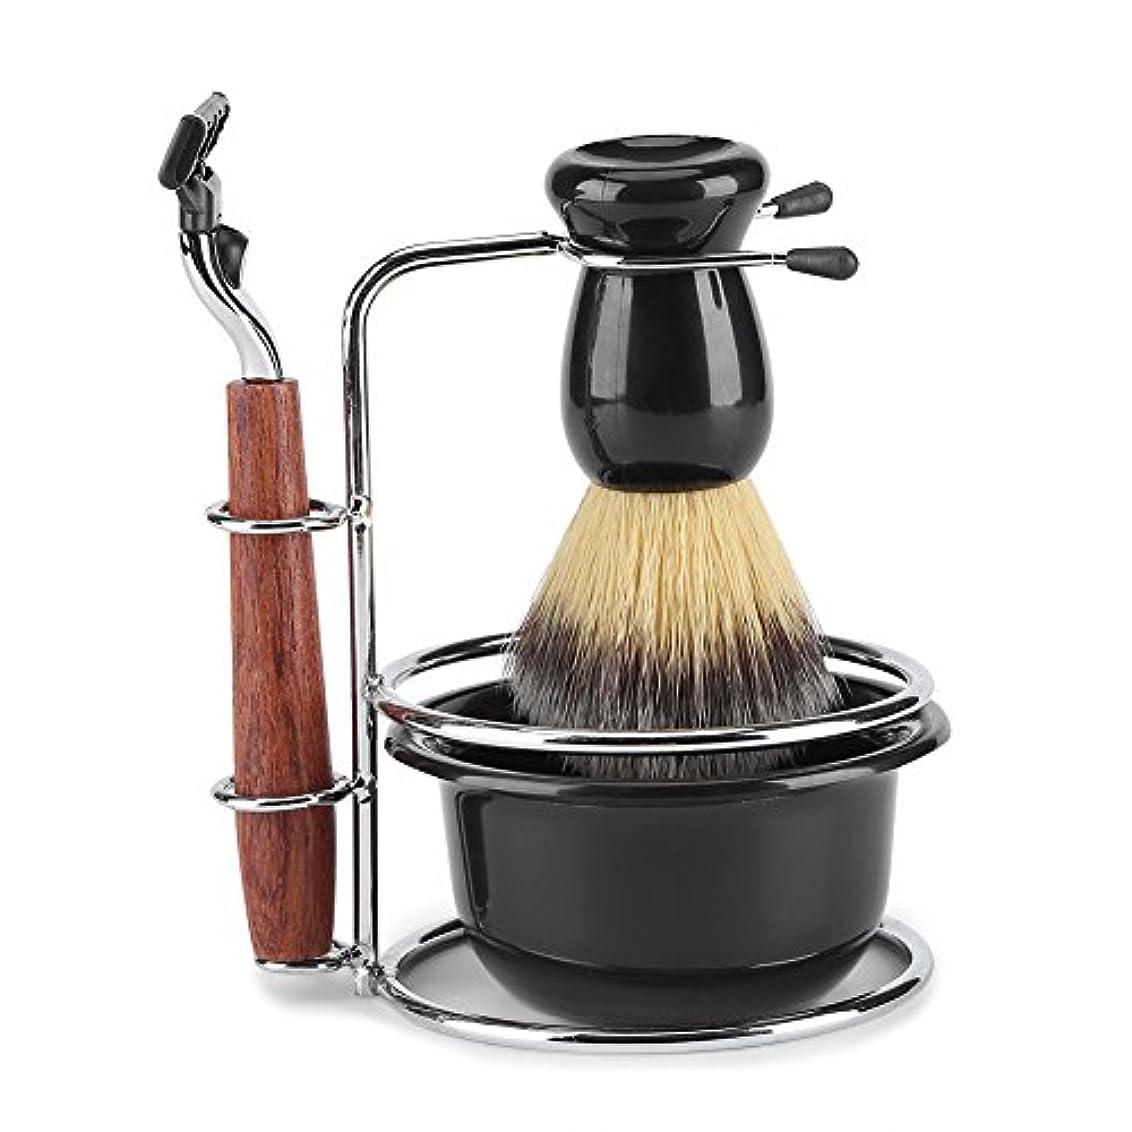 ポータータイプ考えたAcogedor シェービングセット 高級感満々 おしゃれ 魅力で綺麗 実用で便利 メンズ用髭剃り  ヒゲ剃り (剃刀+ステンレススチールホルダー+ブラシ+ボウル)